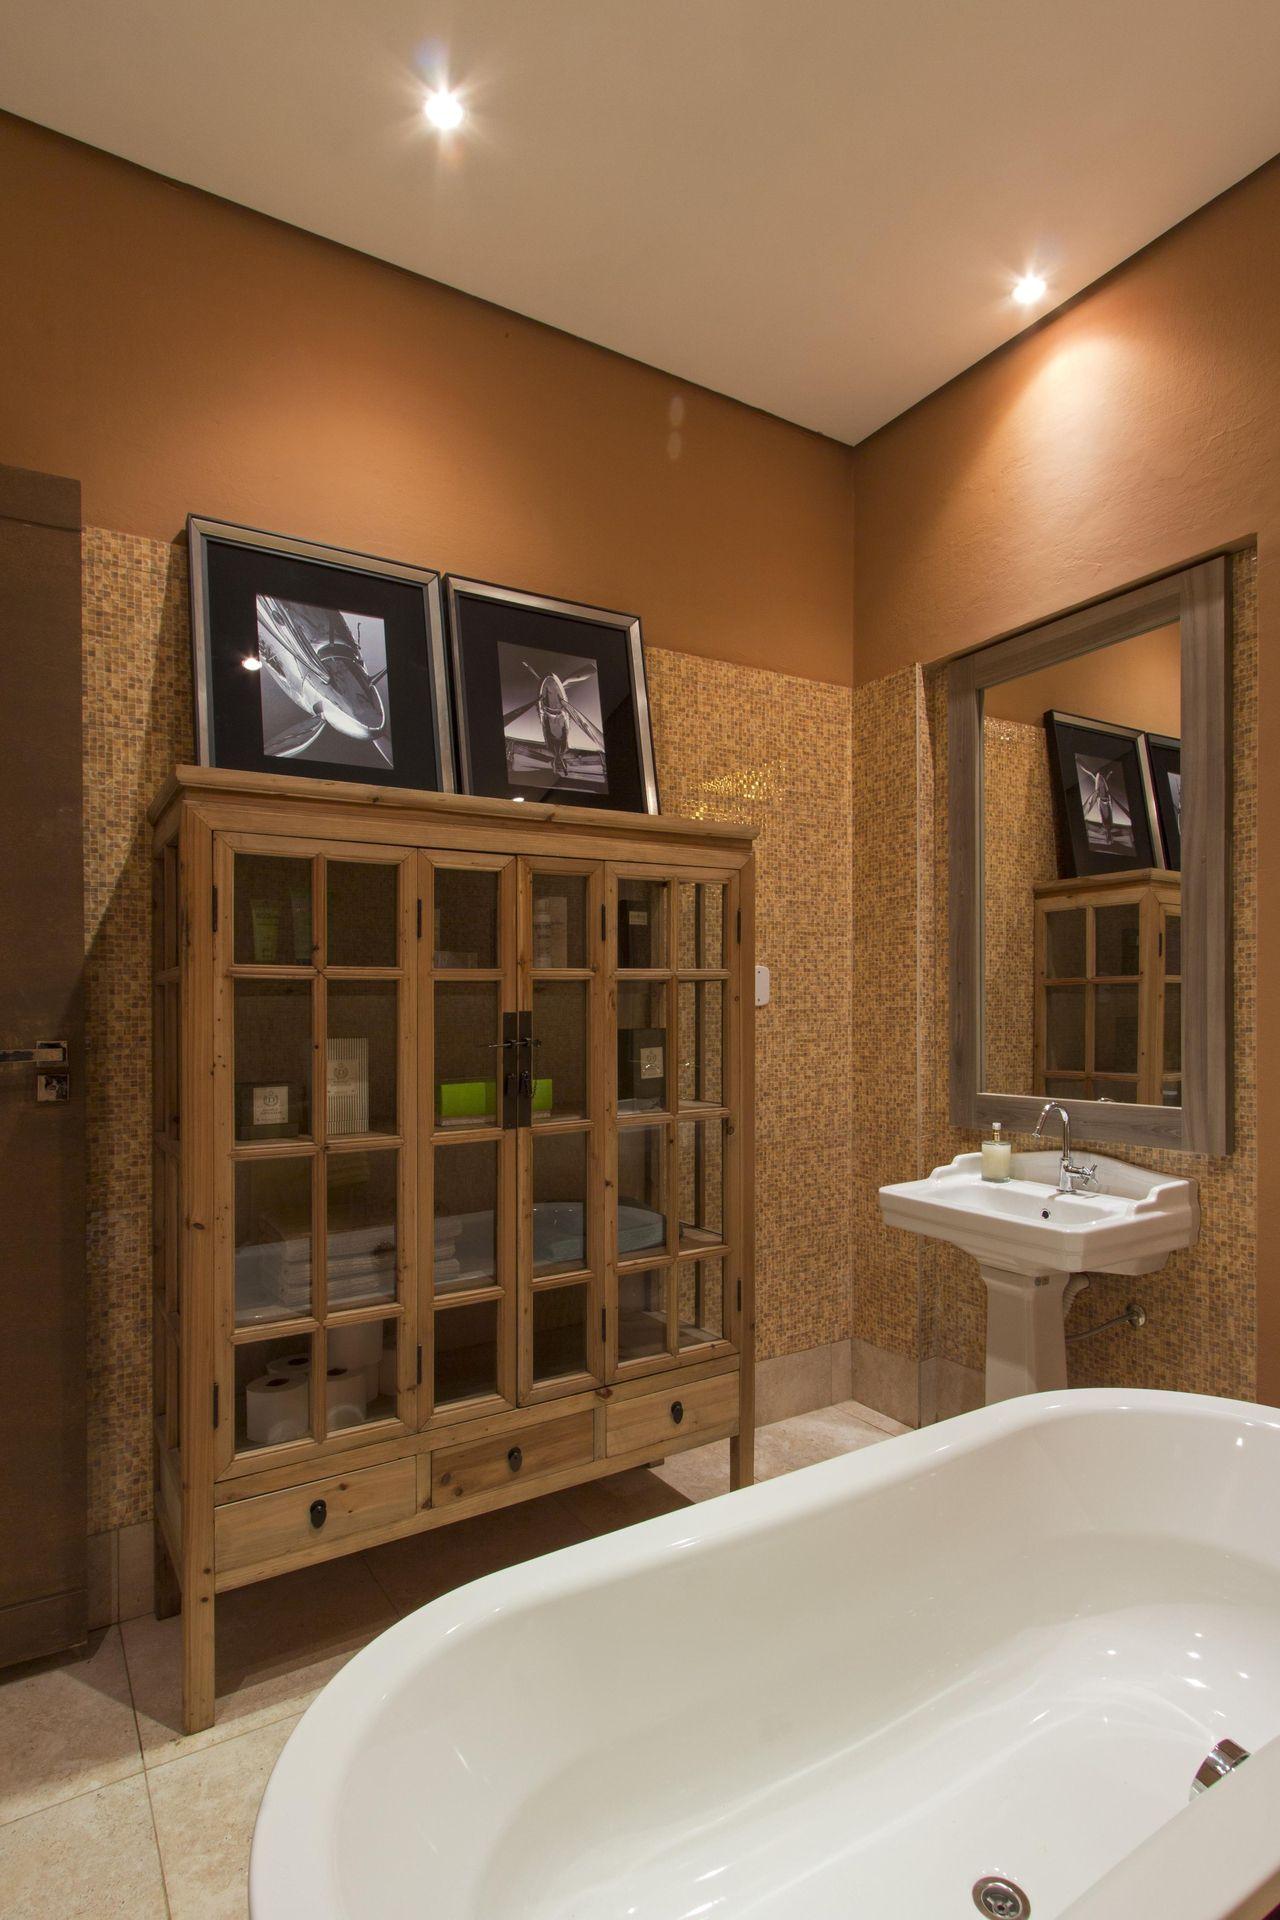 Armario De Madeira Banheiro : Banheiro com arm?rio de madeira e porta vidro joel